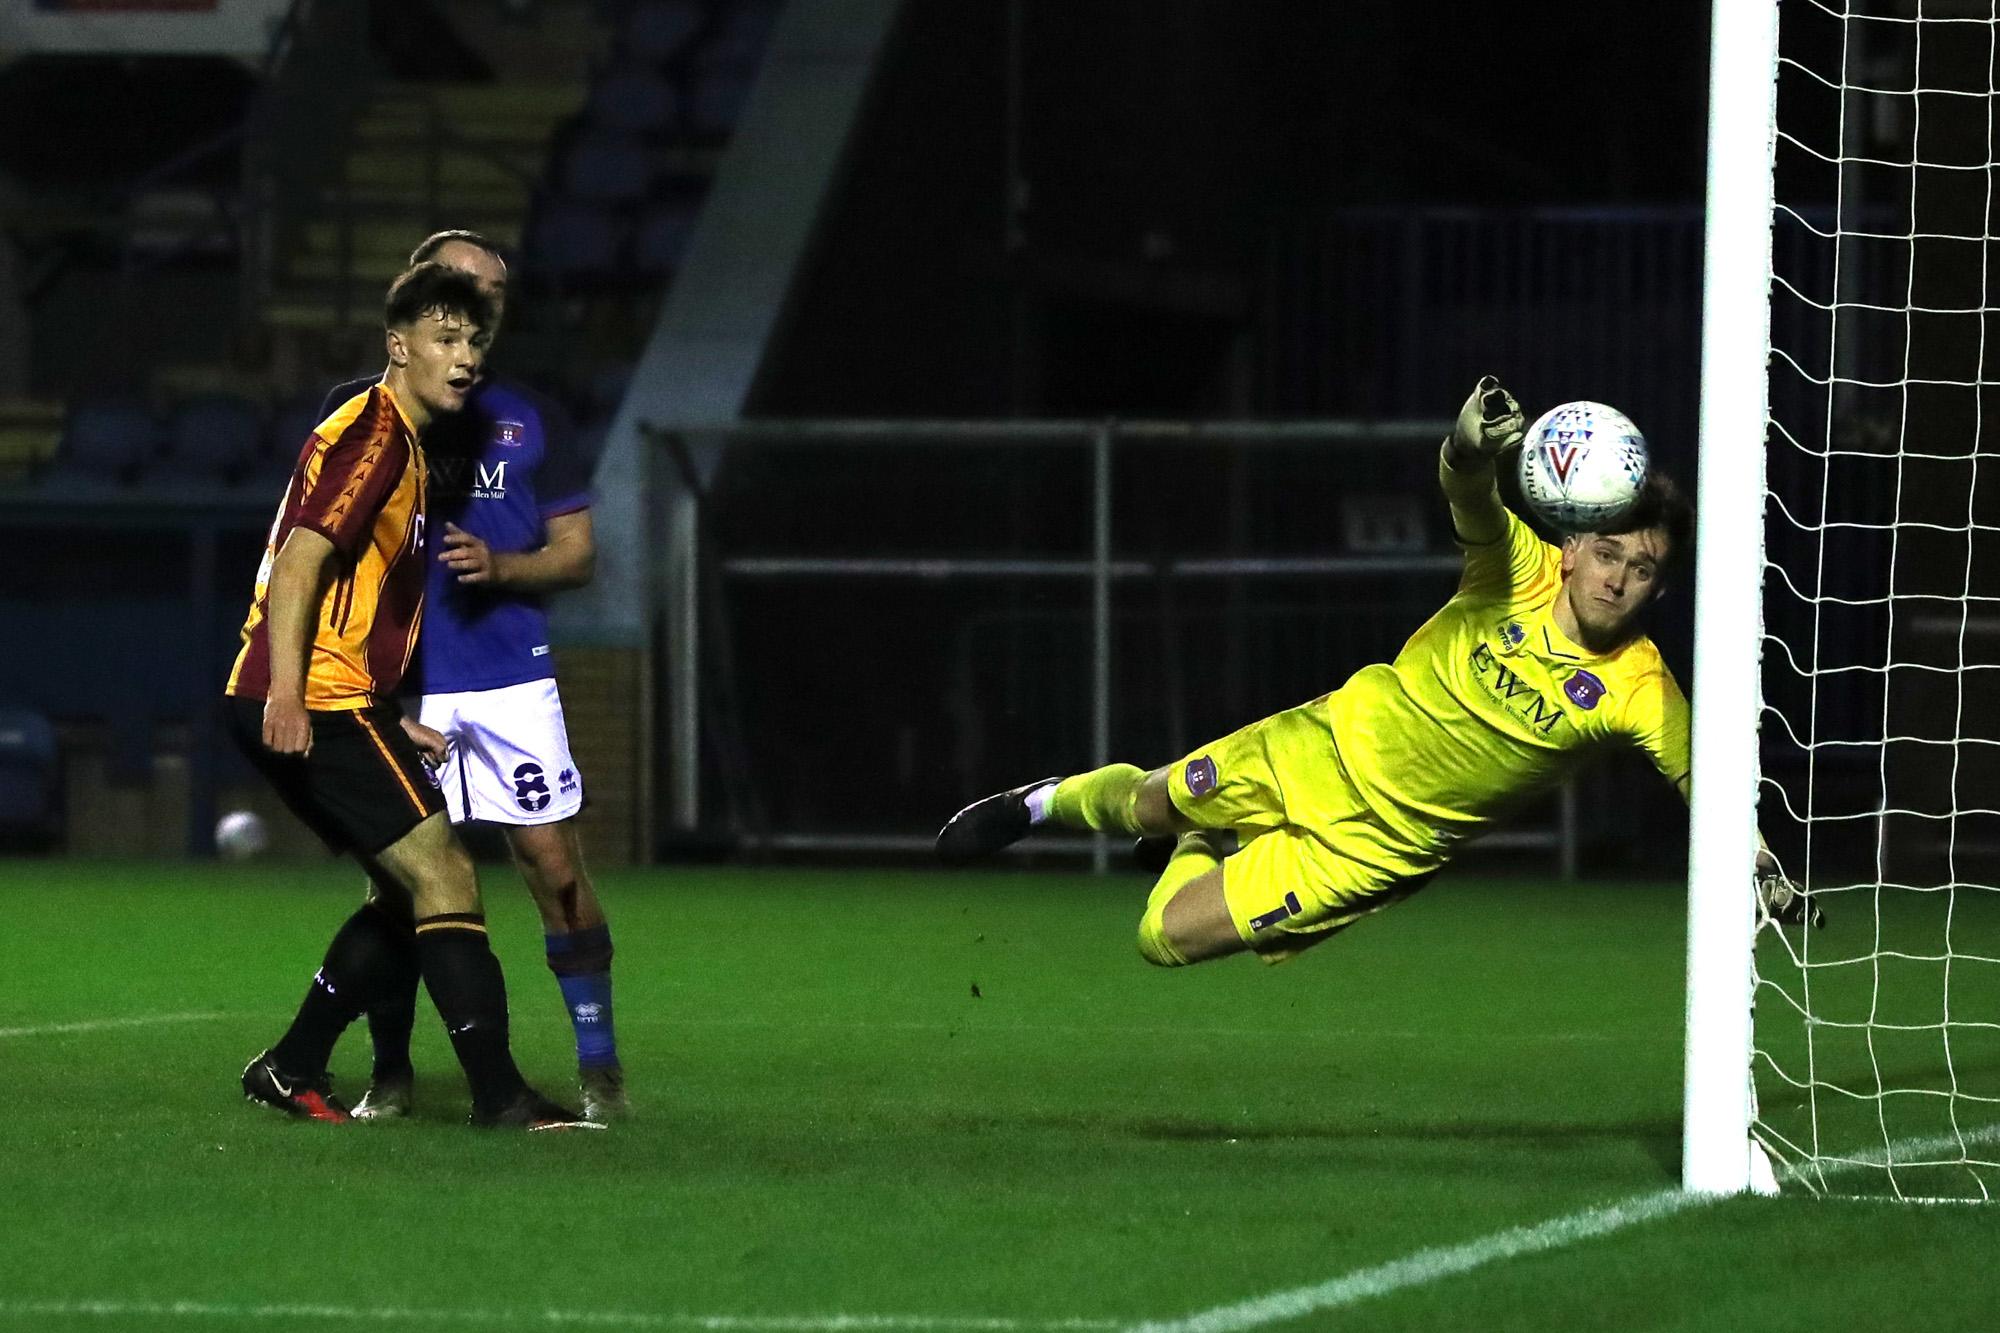 FA Youth Cup: vs Carlisle United